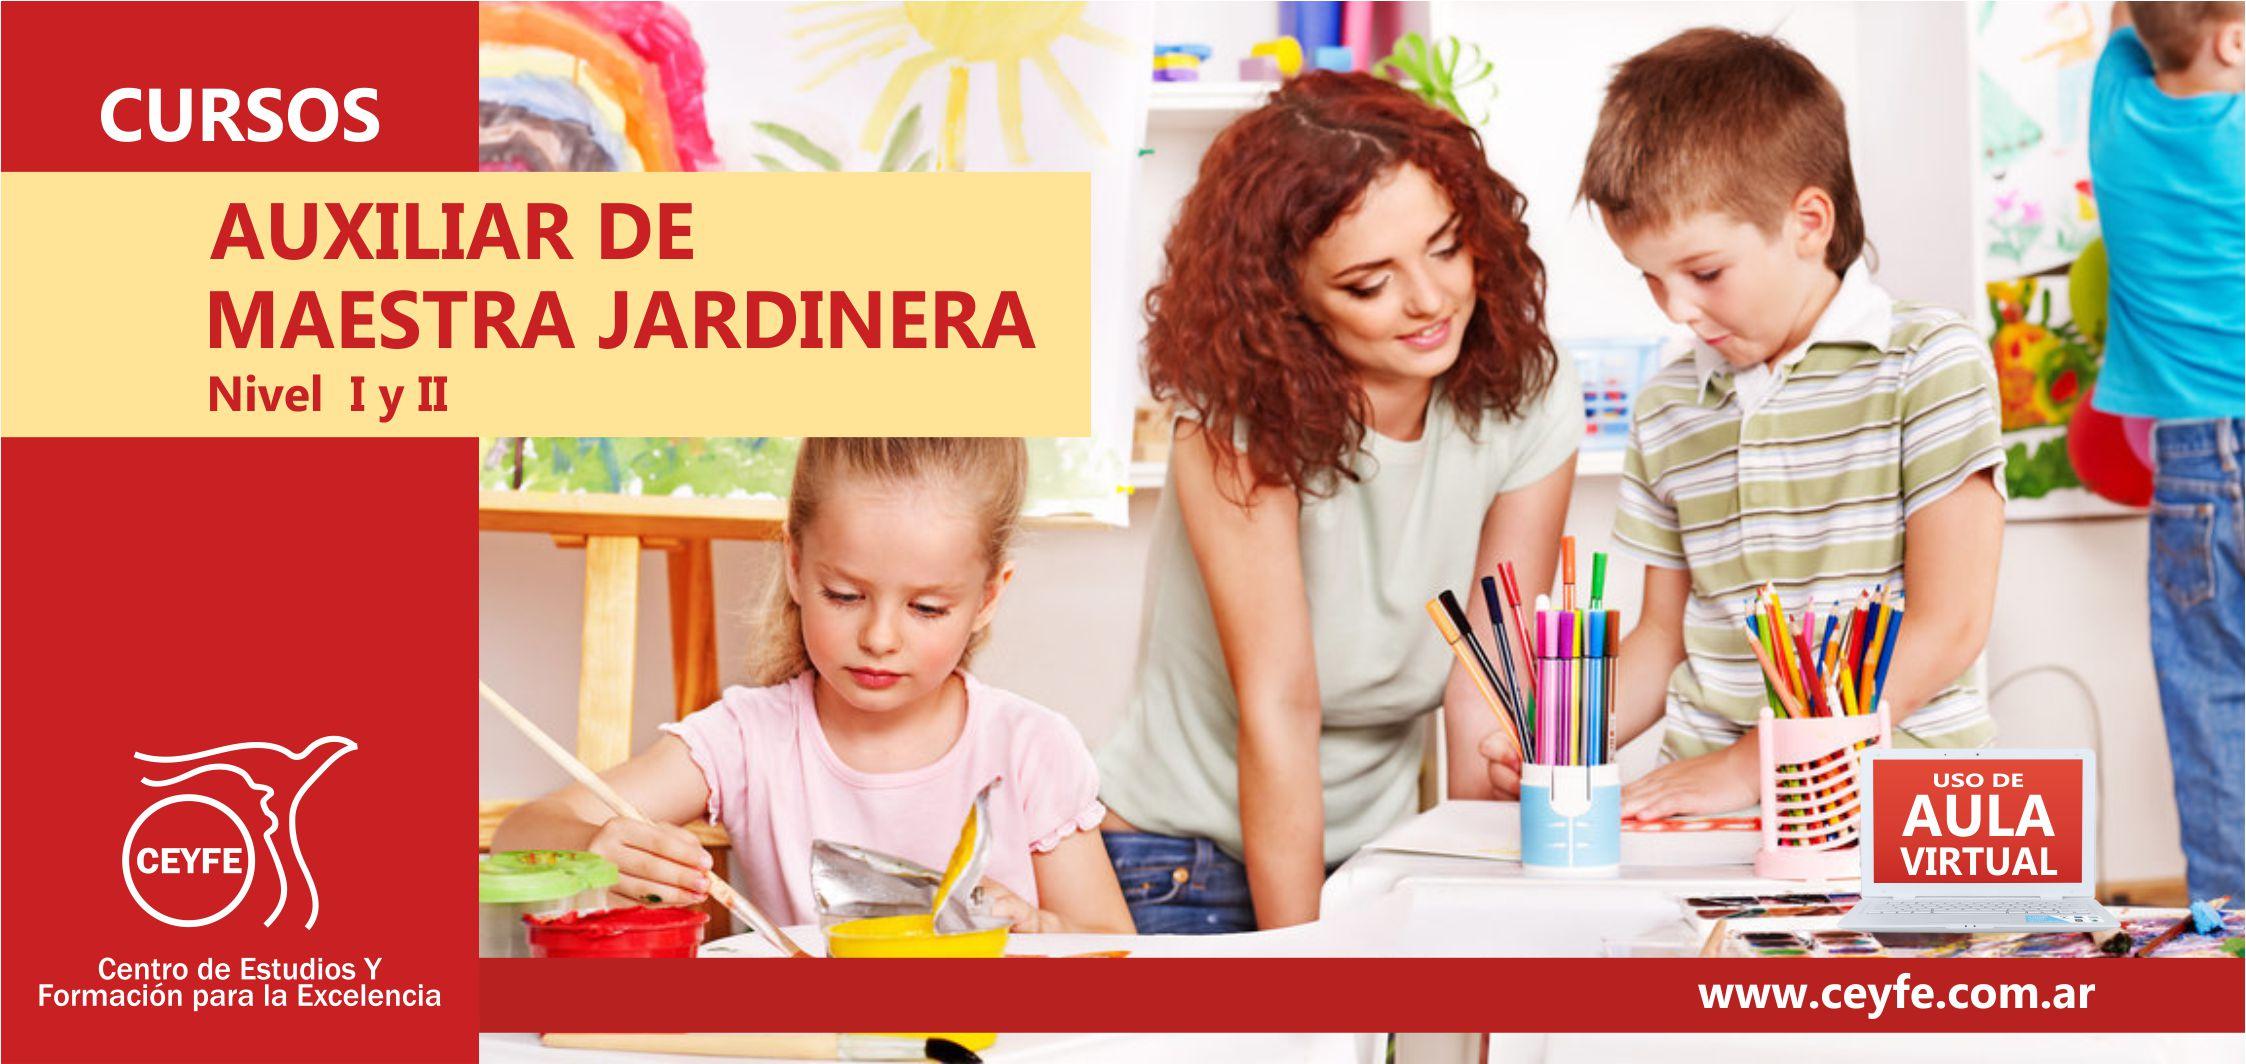 NIVEL 1 DE AUXILIAR DE MAESTRA JARDINERA